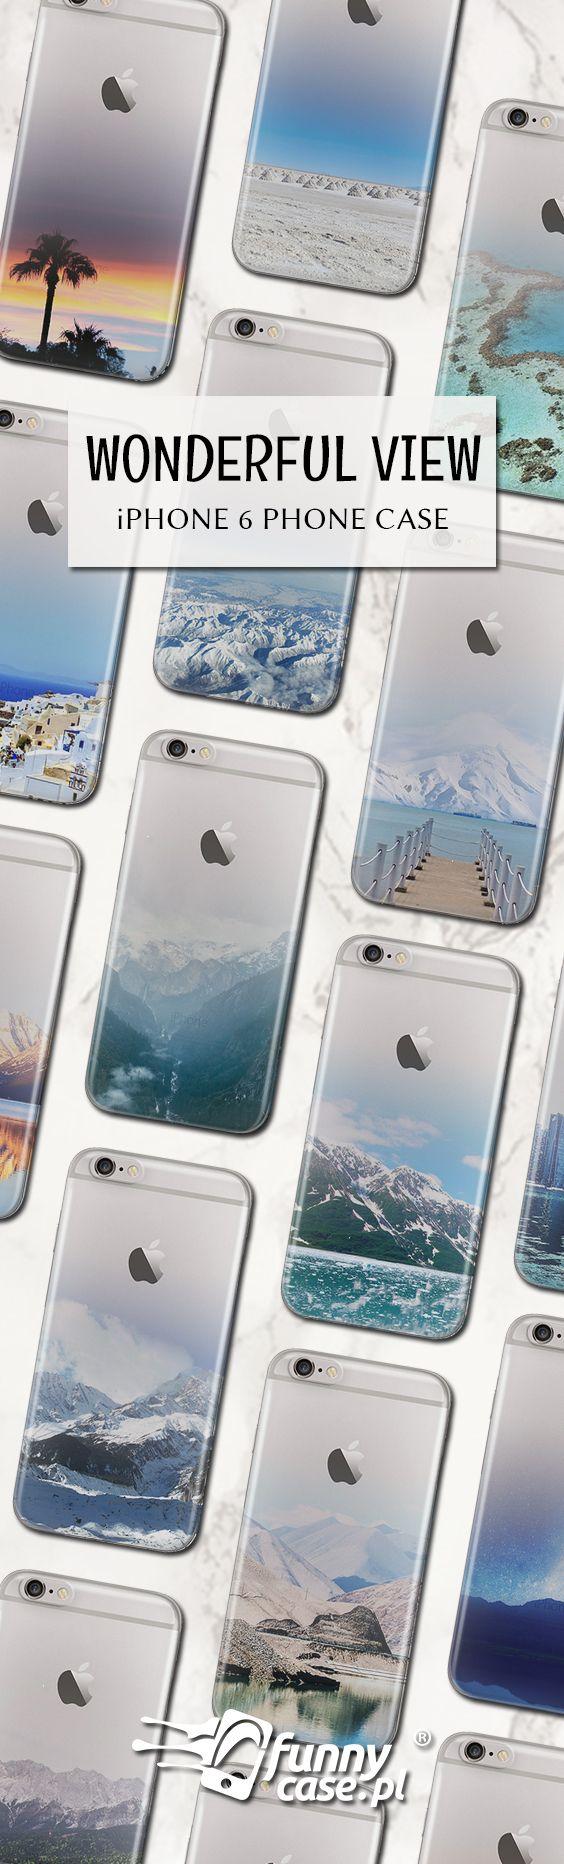 iPhone 6 #iPhone6 #apple #phone #etui #case #cover #design #view